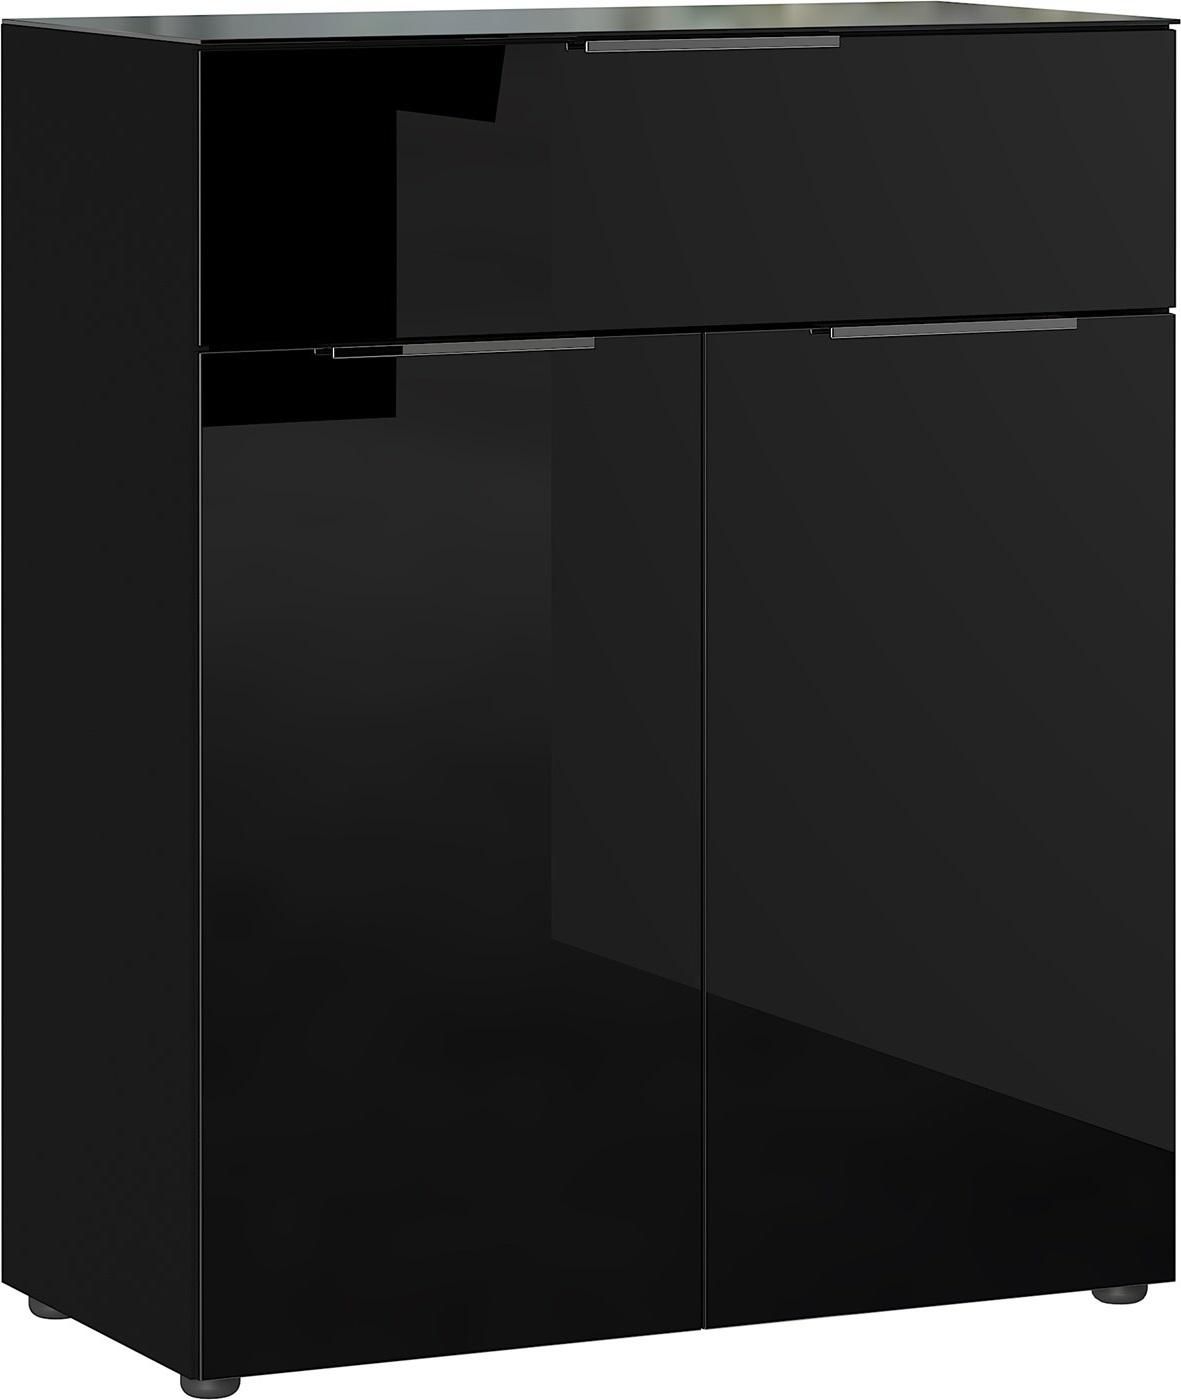 Opbergkast Oakland 102 cm hoog in zwart